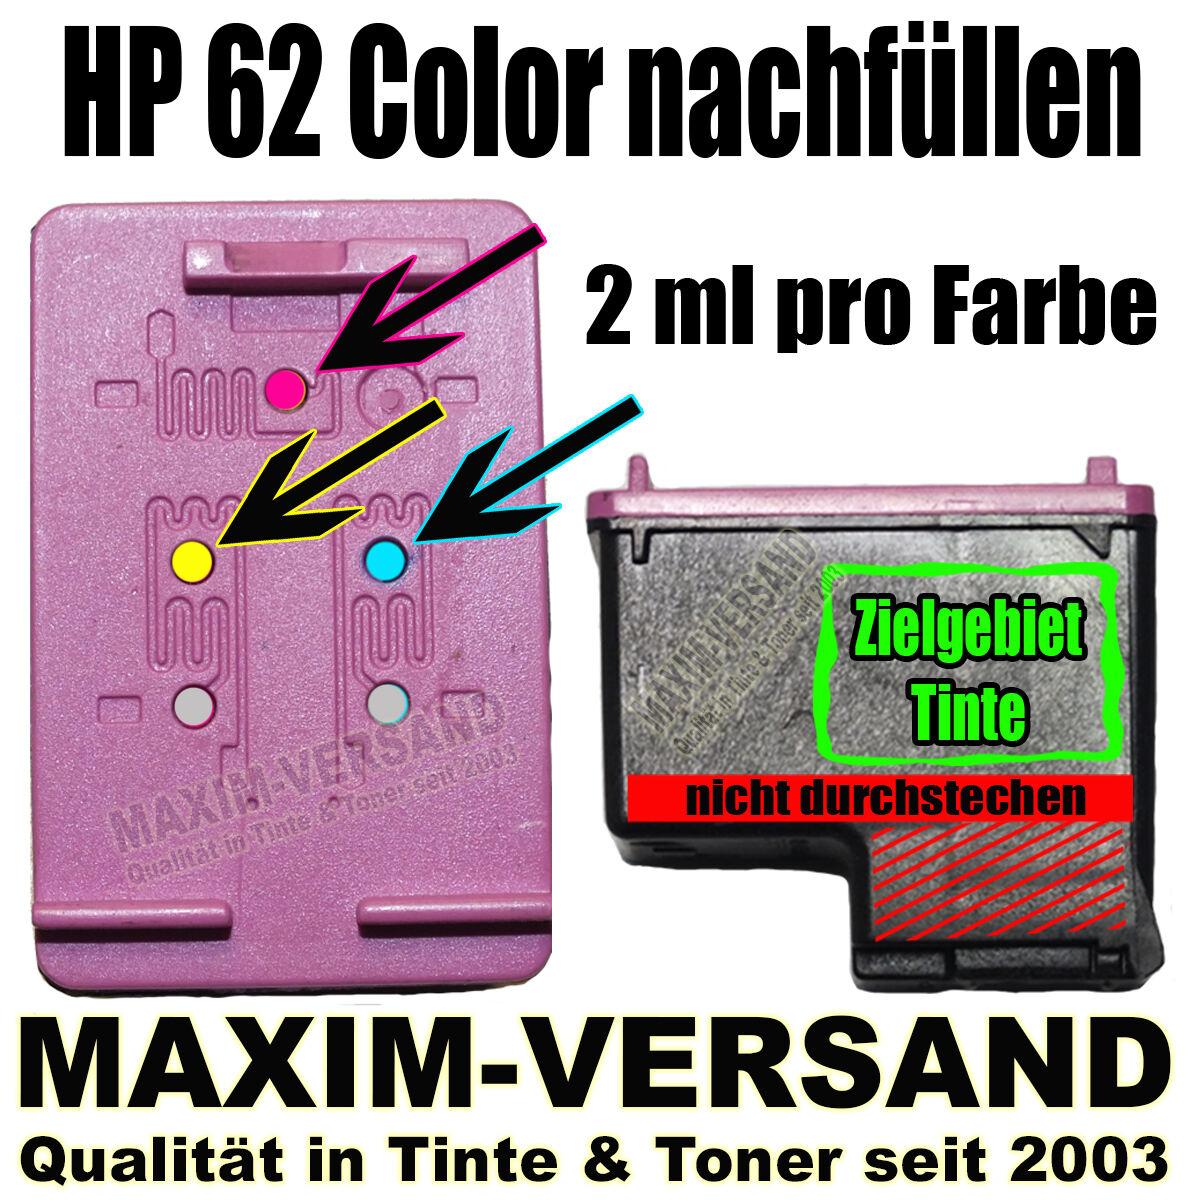 HP 62 Color nachfüllen